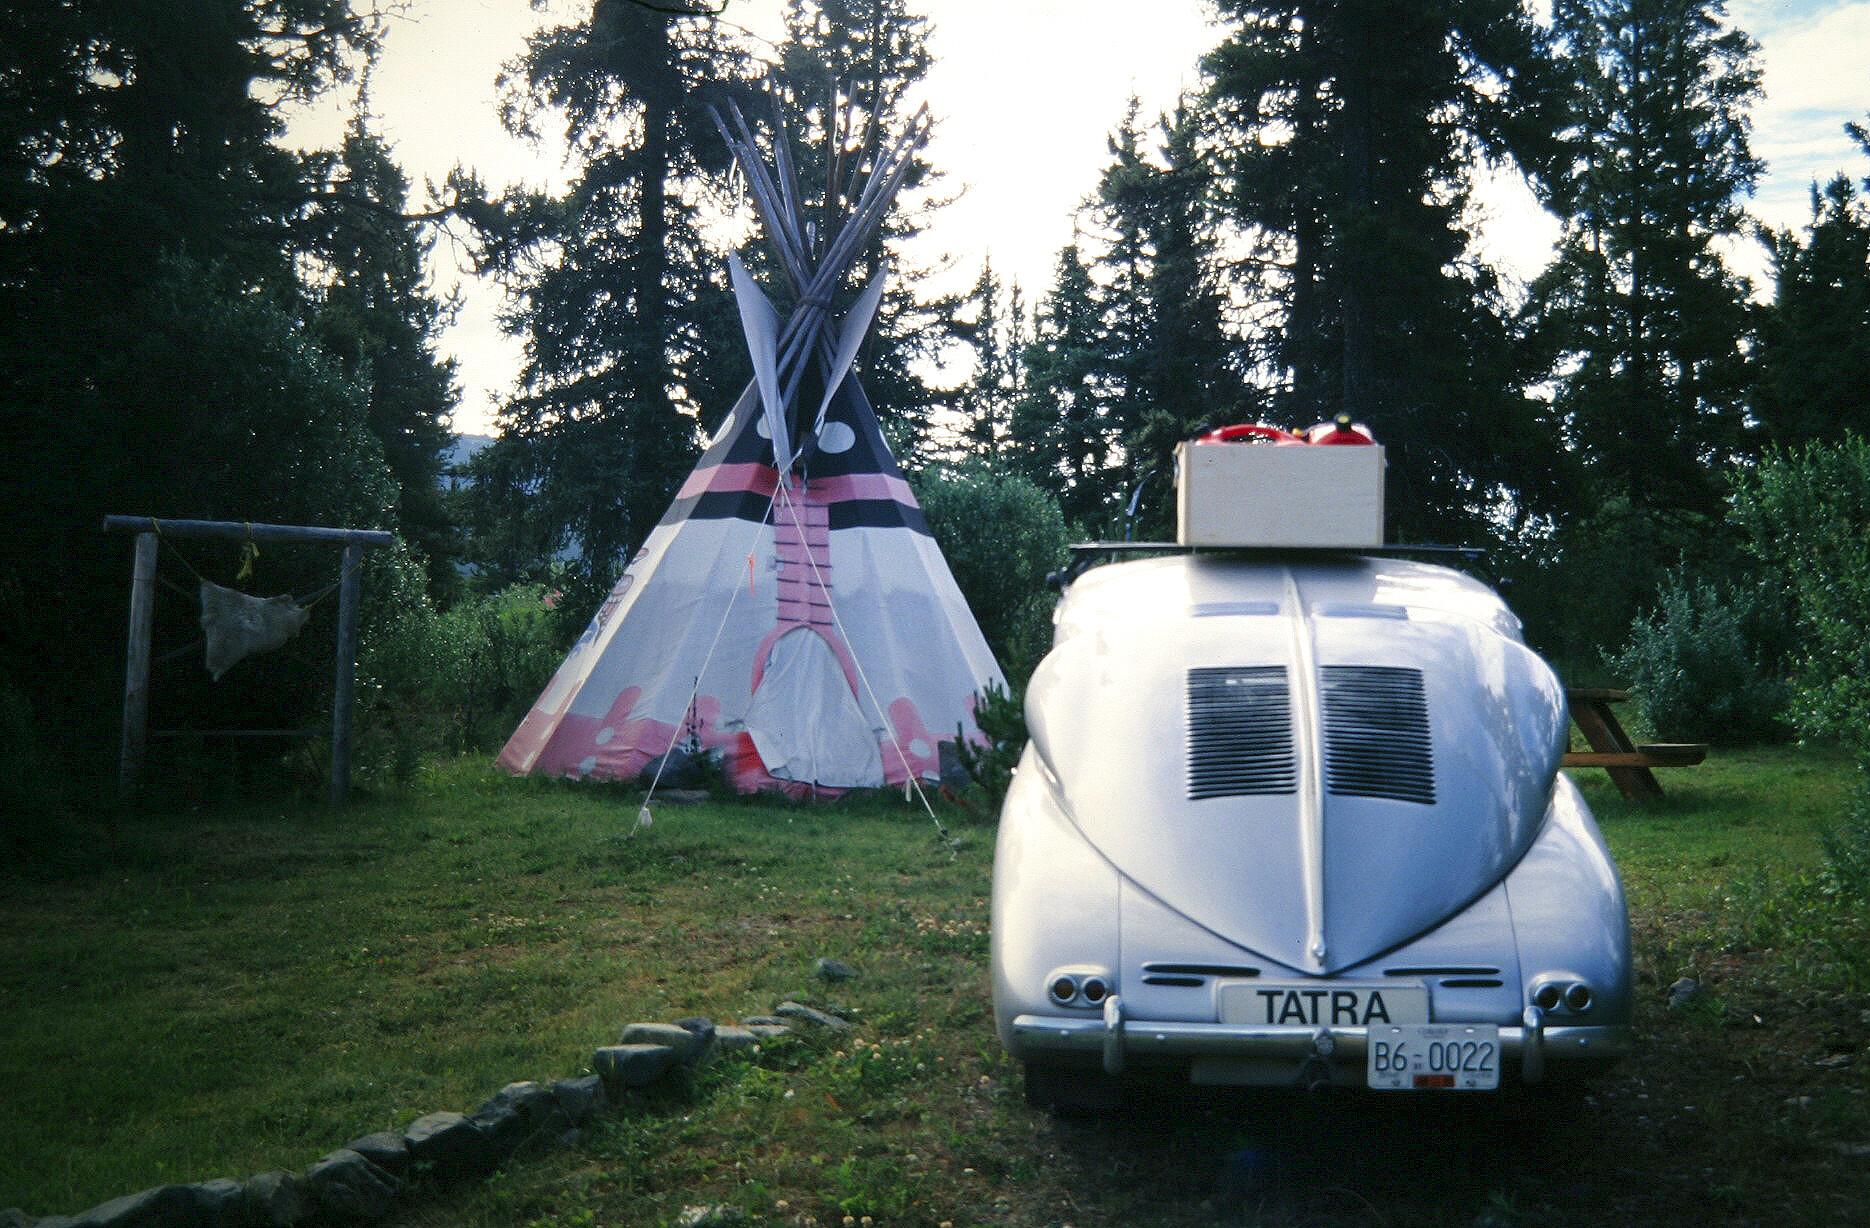 Tatra Parked By Tipi